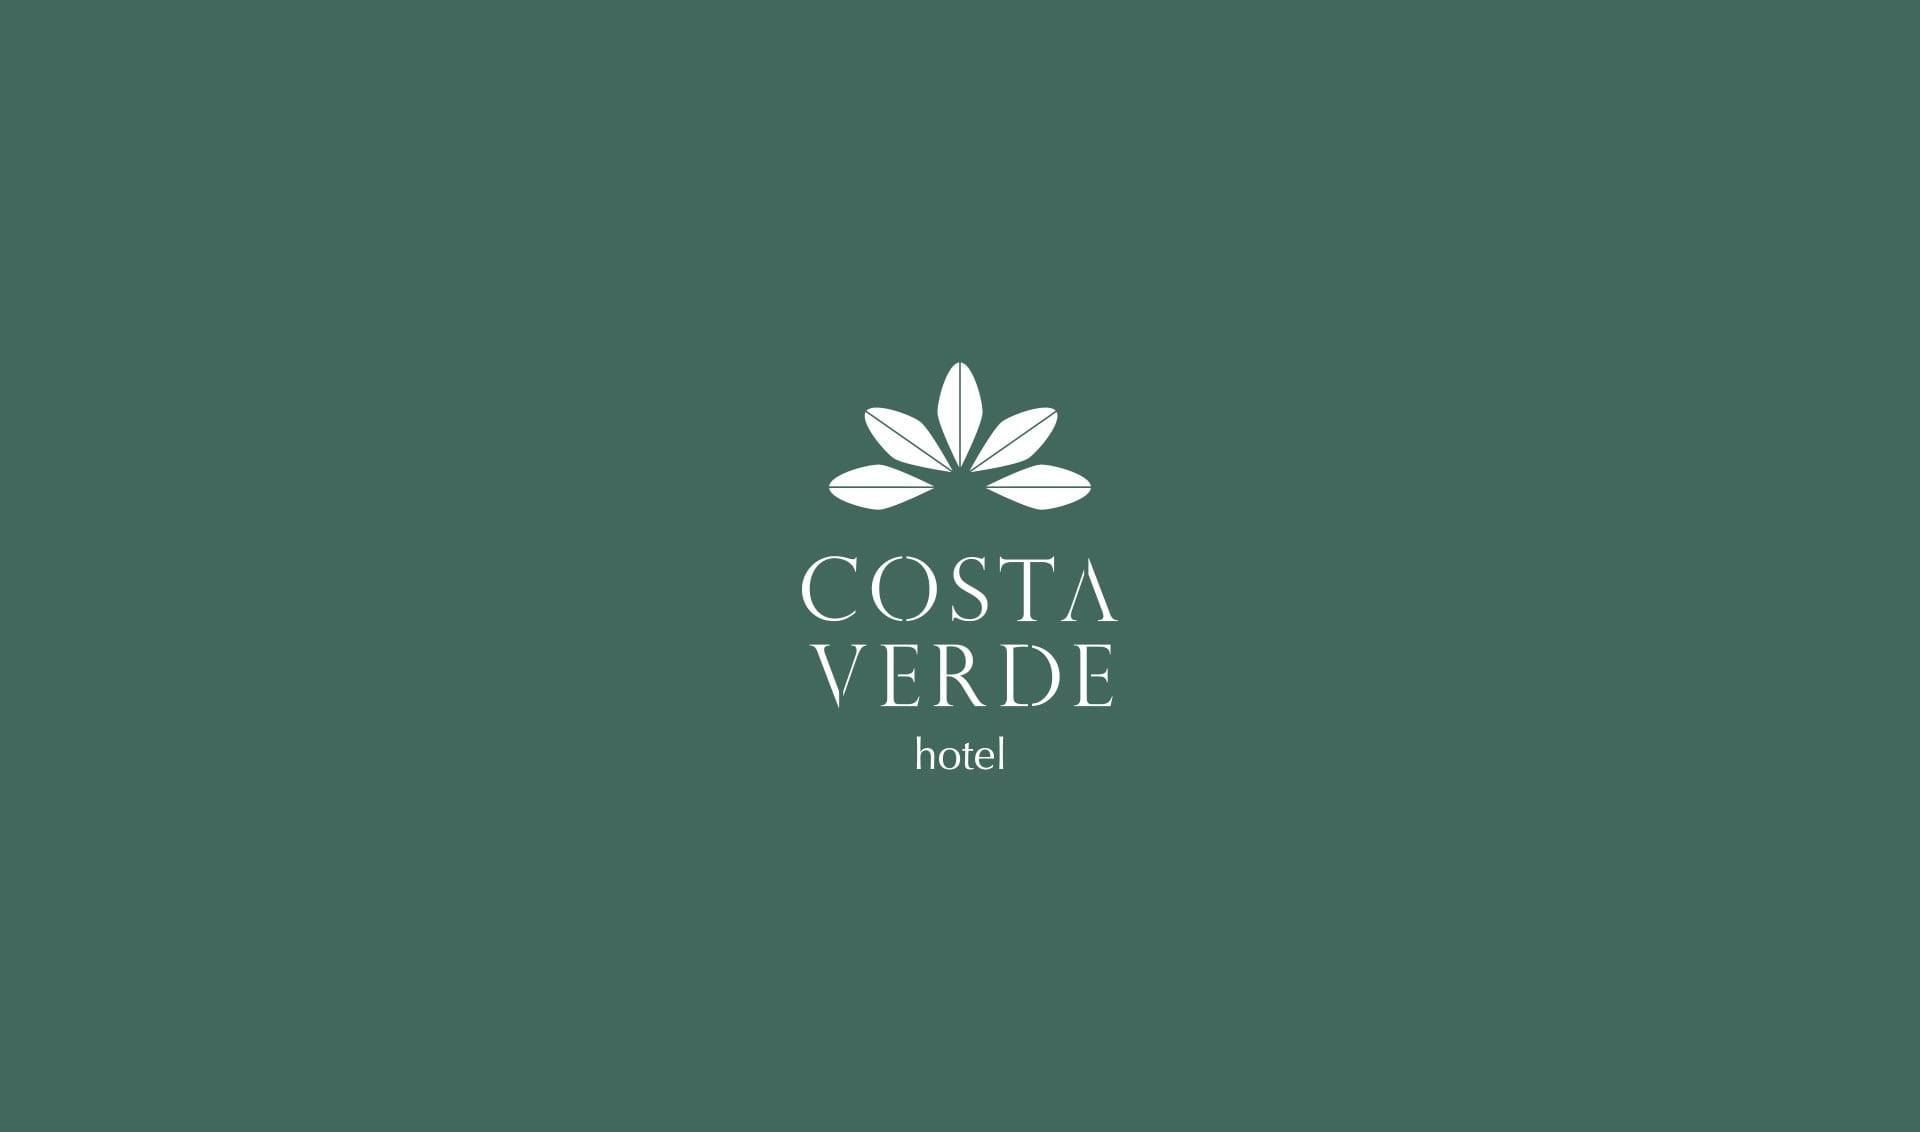 Diseño de marca para el hotel Costa Verde de Gijón.